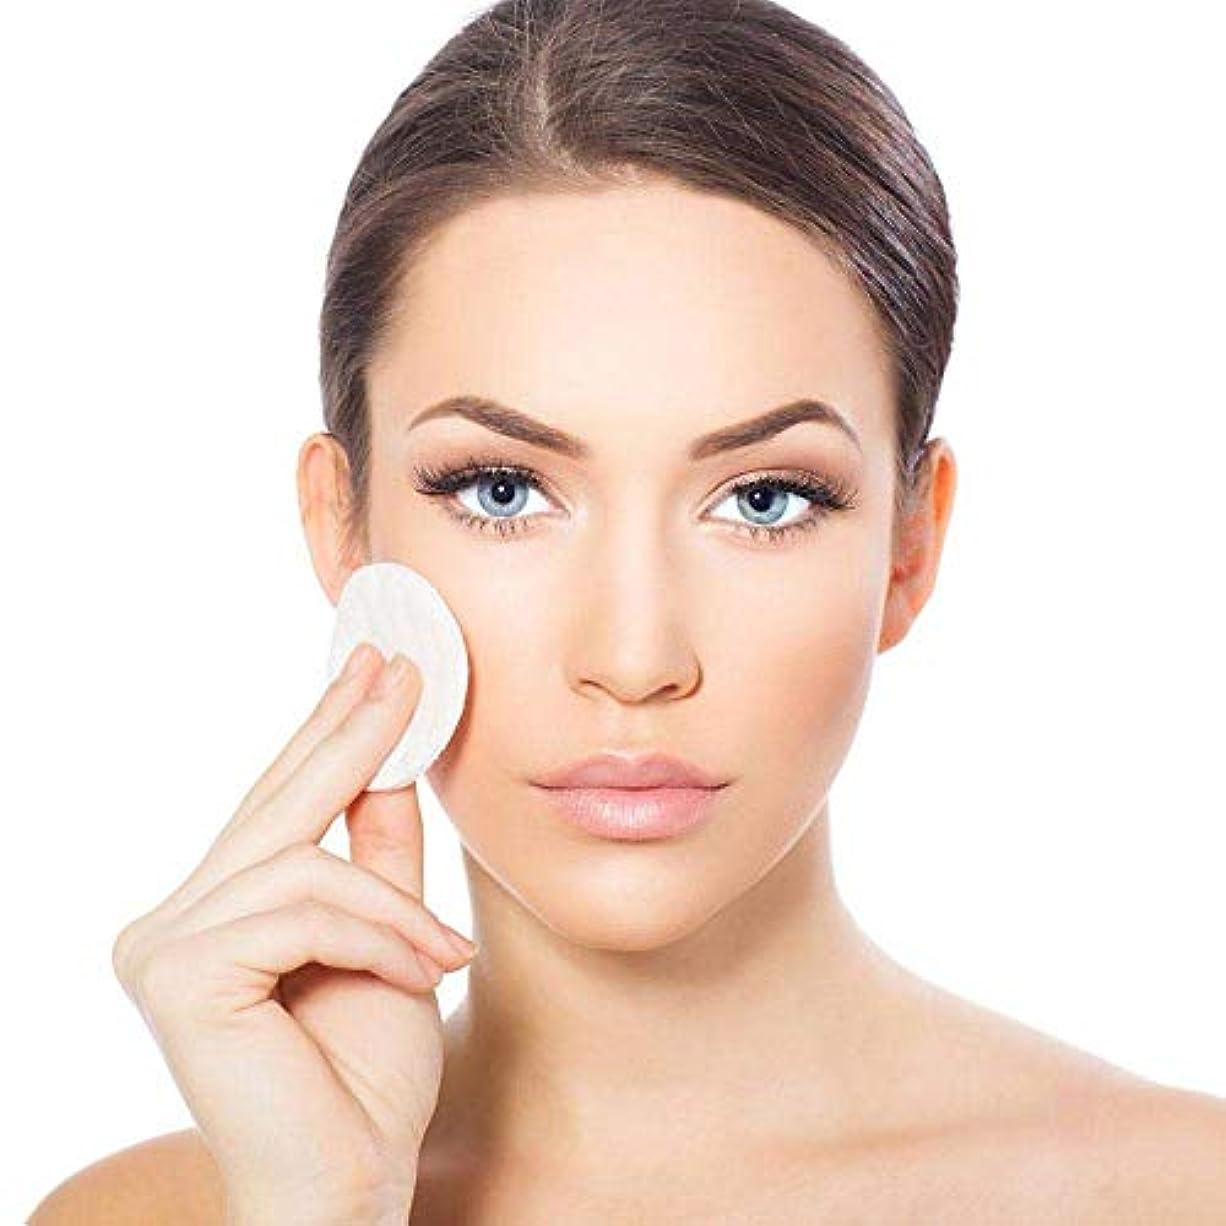 疑い者蒸気電気技師ユニセックス 洗面再利用可能 3層化粧品除去パッド顔清潔ワイプ 化粧落としコットン 肌に優しい 16セット